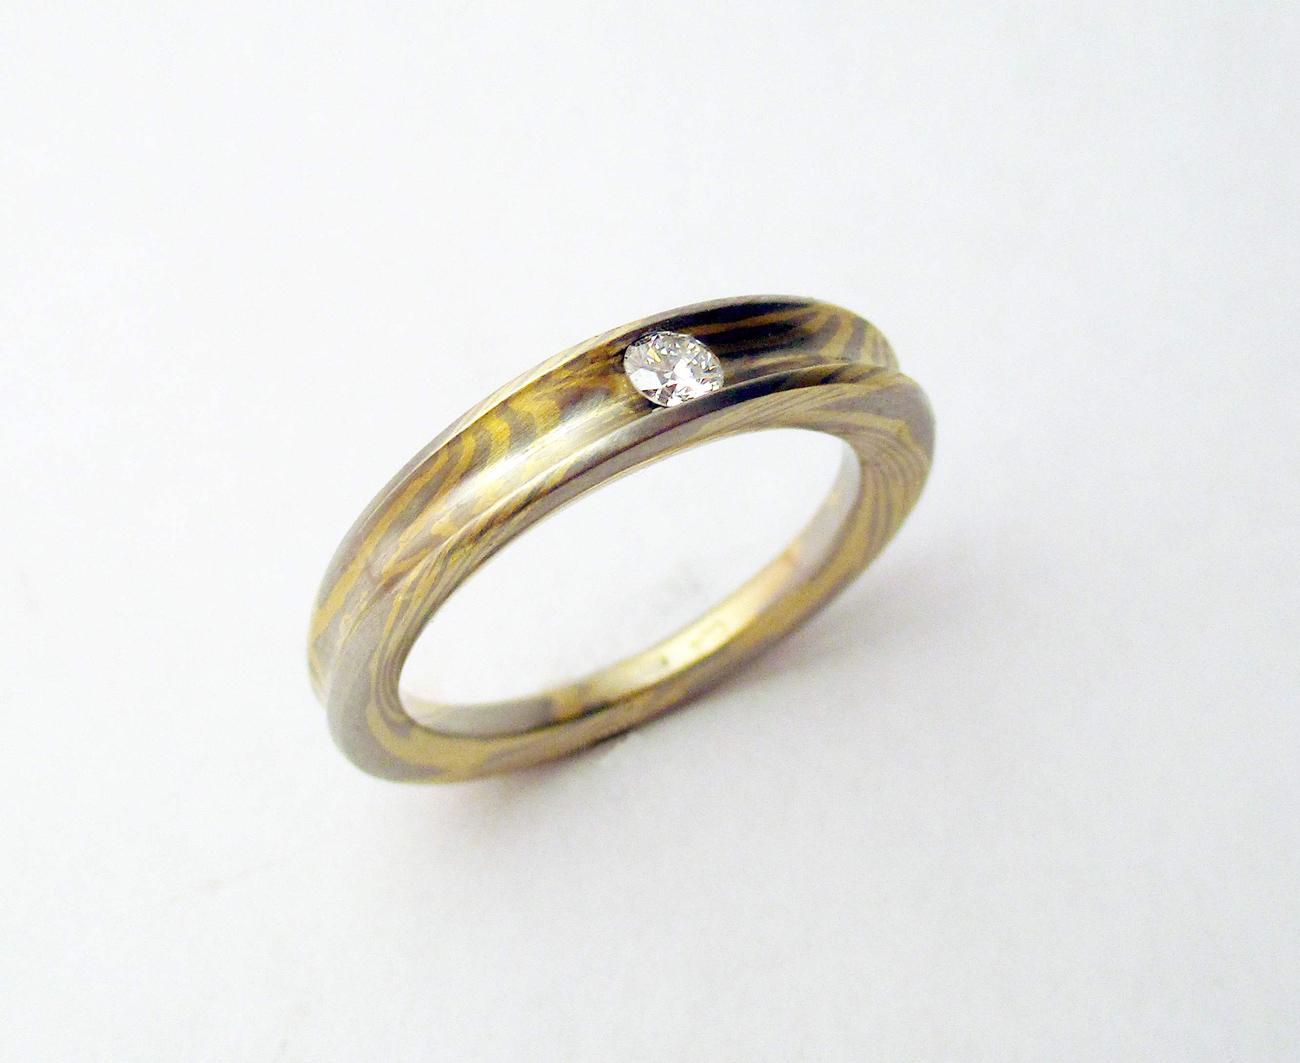 A Nibelung gyűrűje